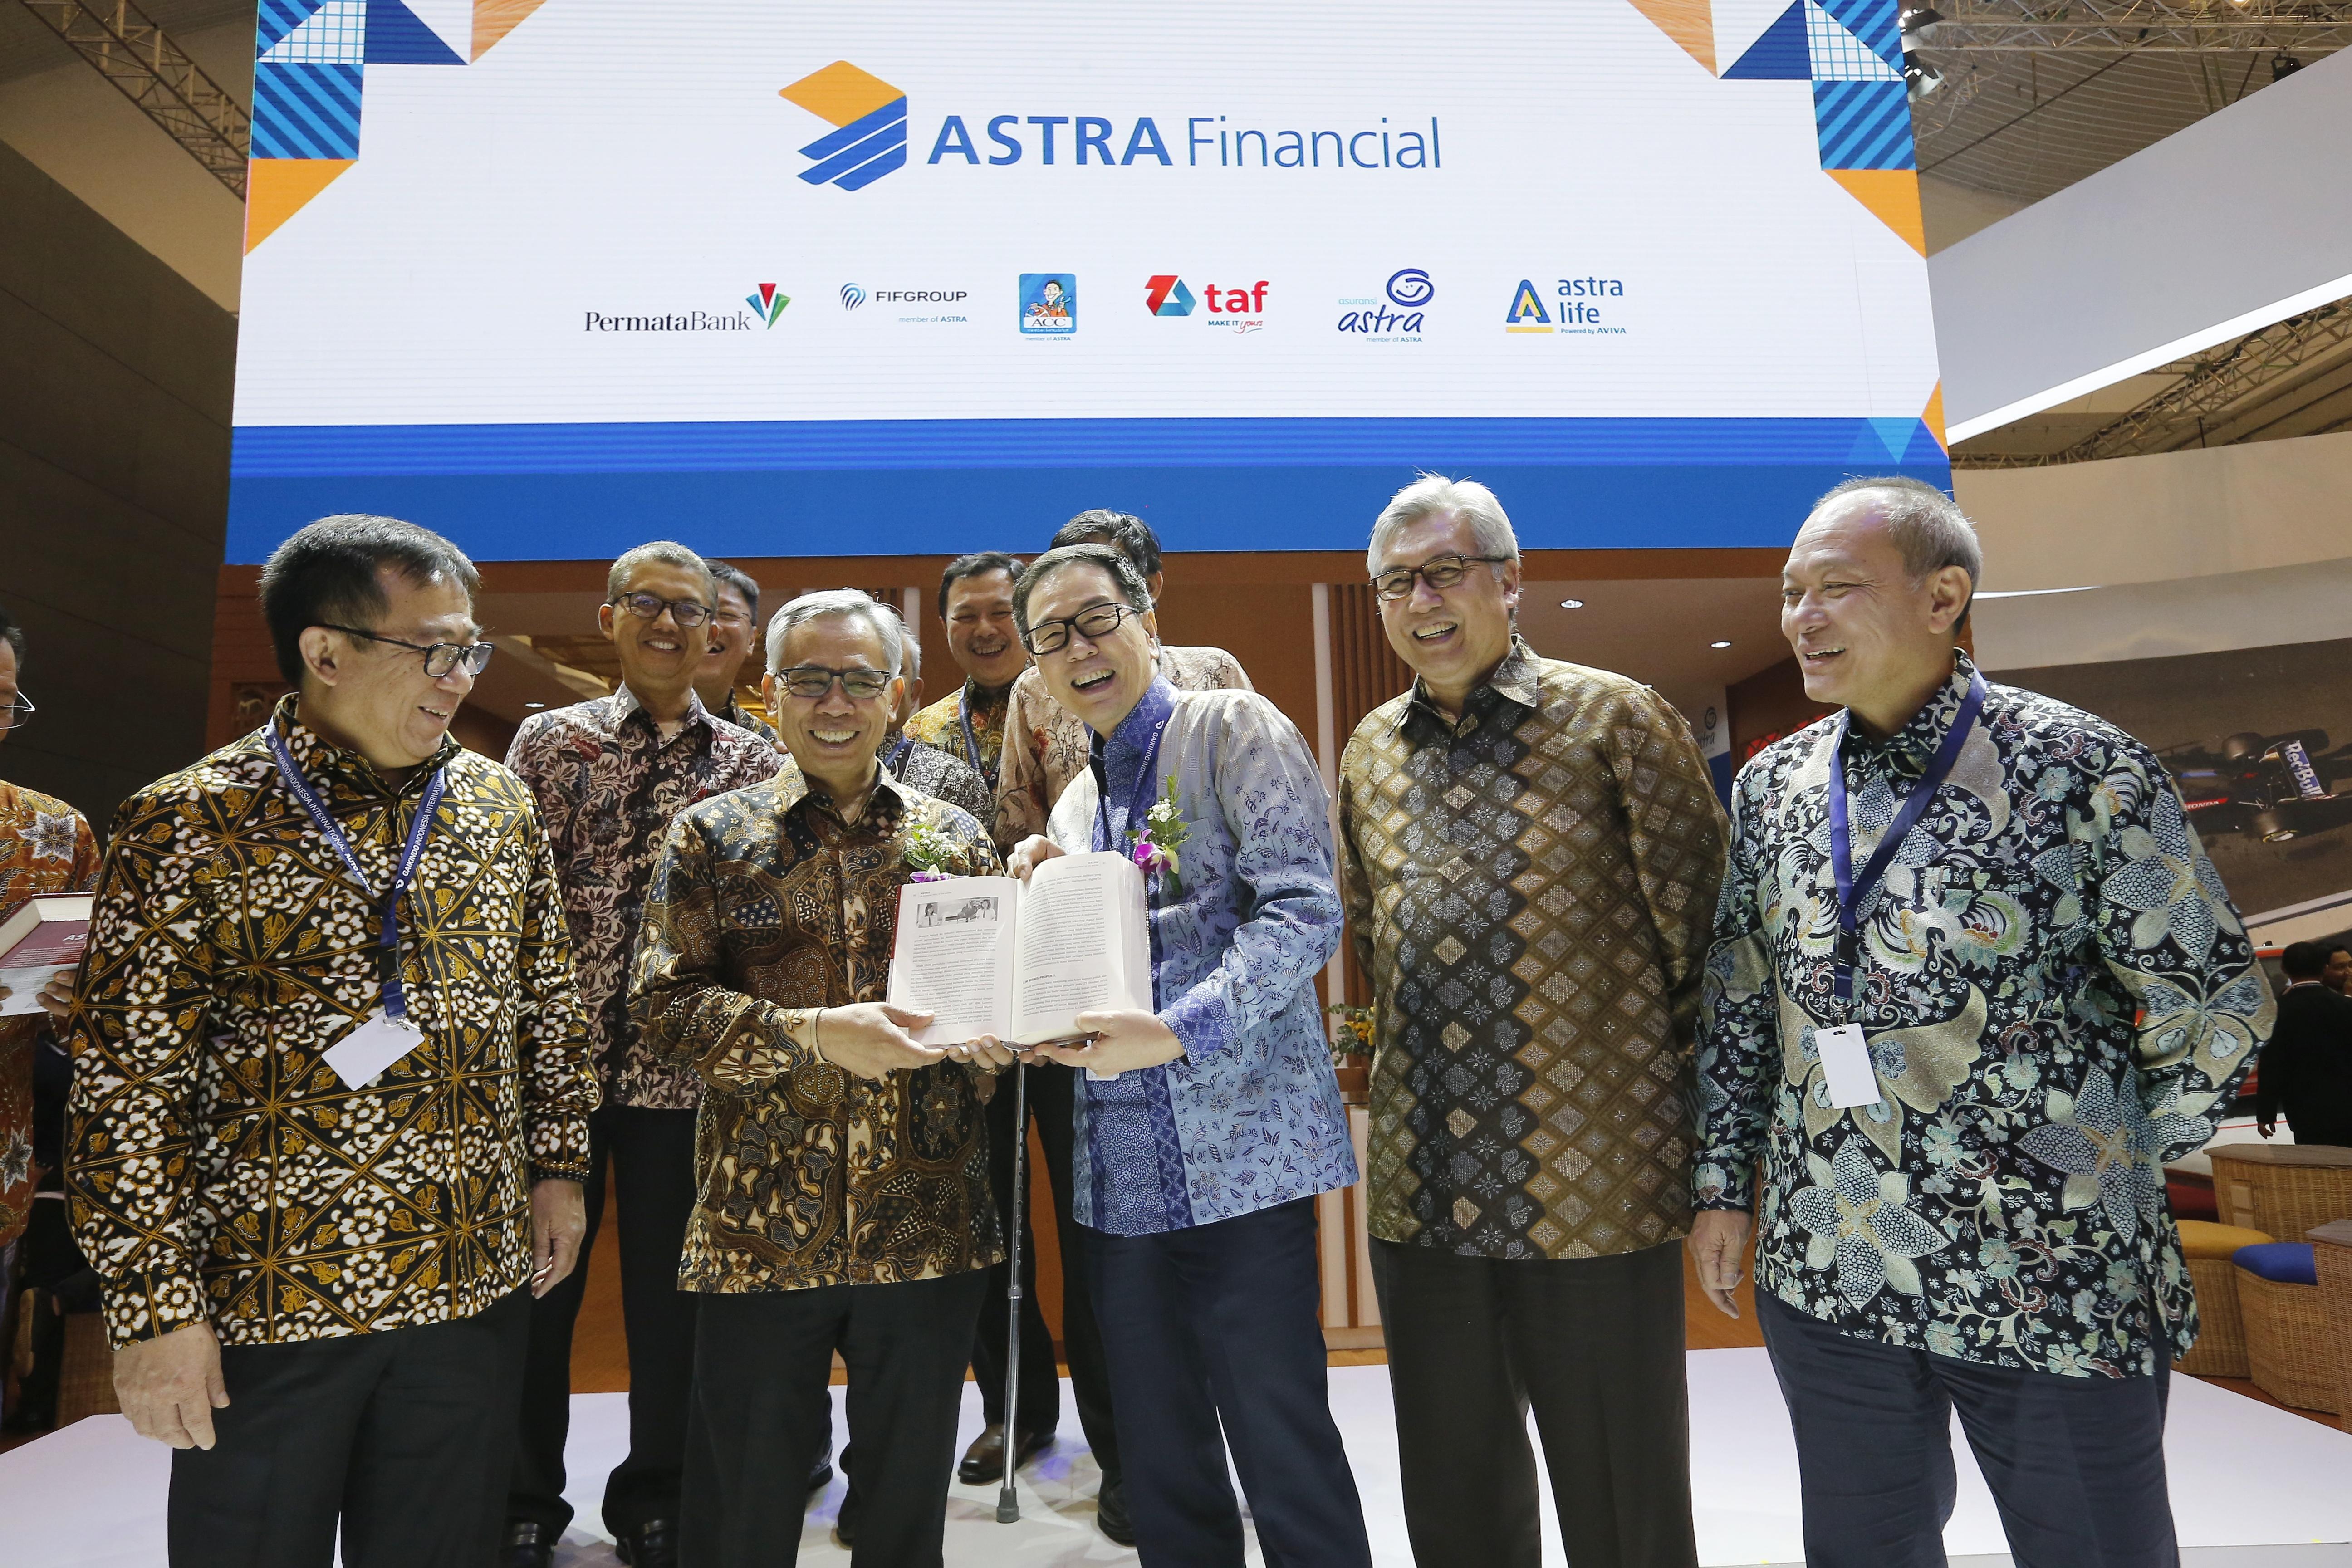 Ketua Otoritas Jasa Keuangan Resmikan Booth Astra Financial di GIIAS 2019